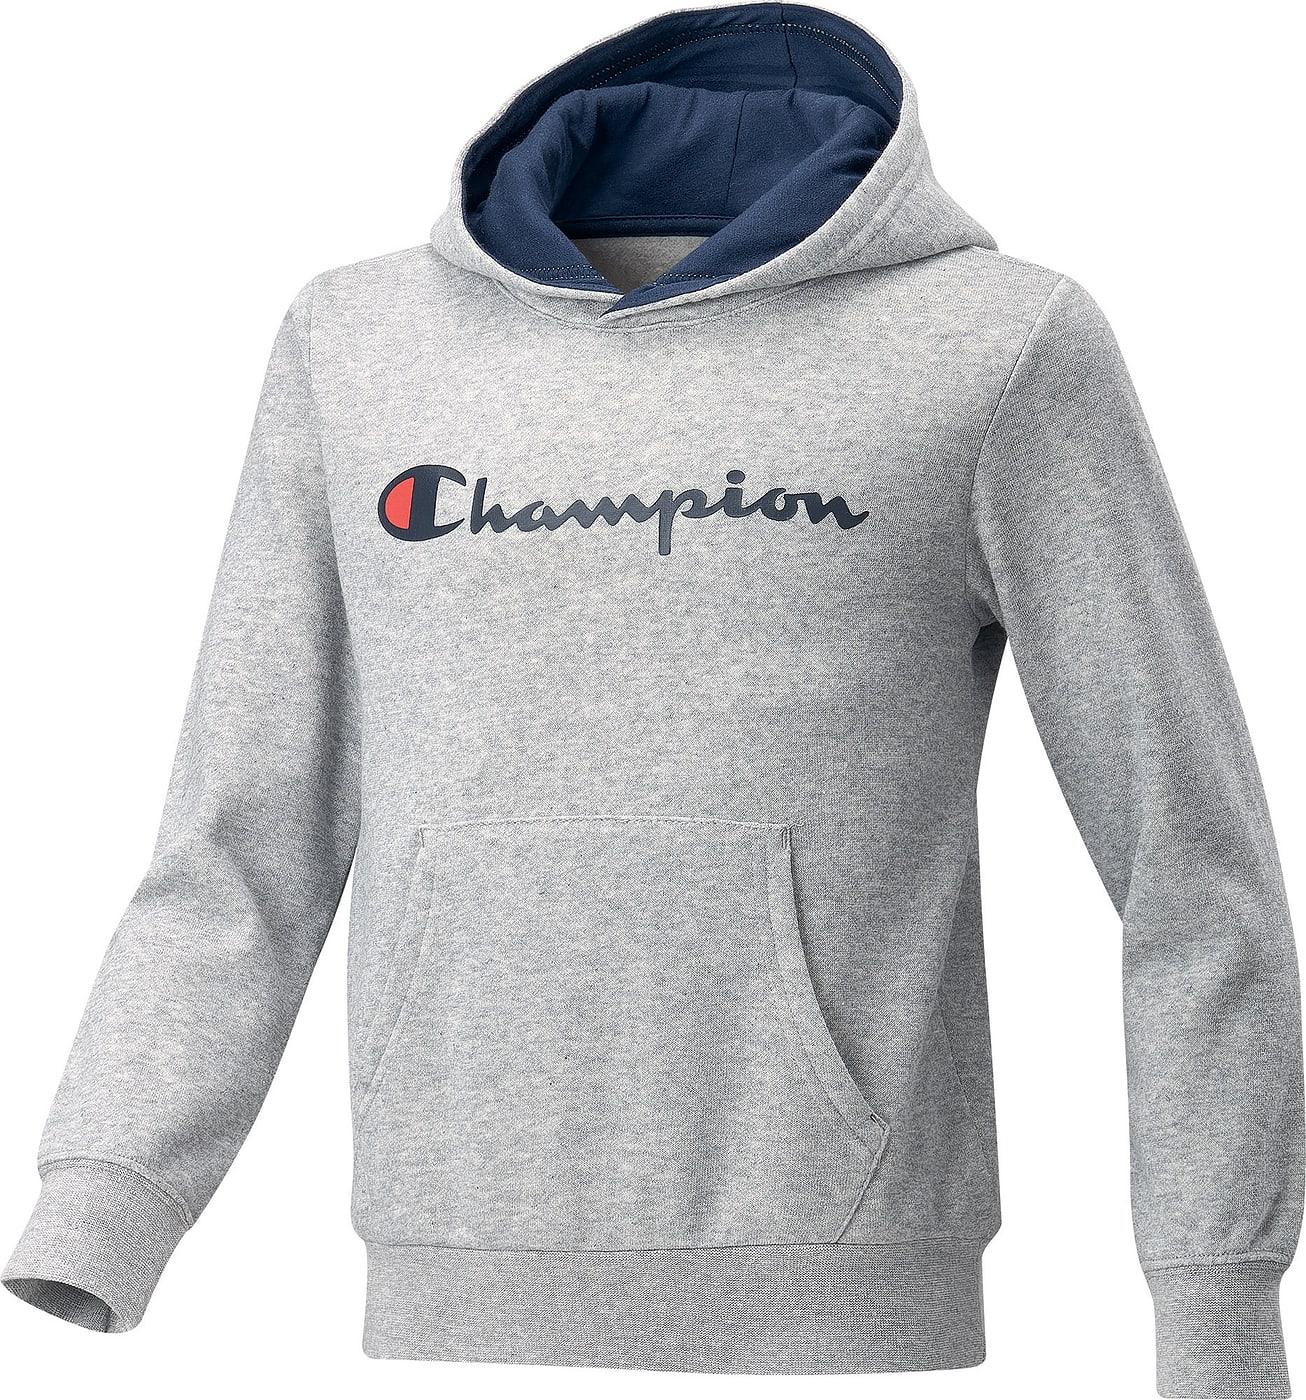 05b2aa6bd8128 Sweat Capuche À Champion Sweatshirt Hooded Pour Garçon Migros Shirt vEwngqnA